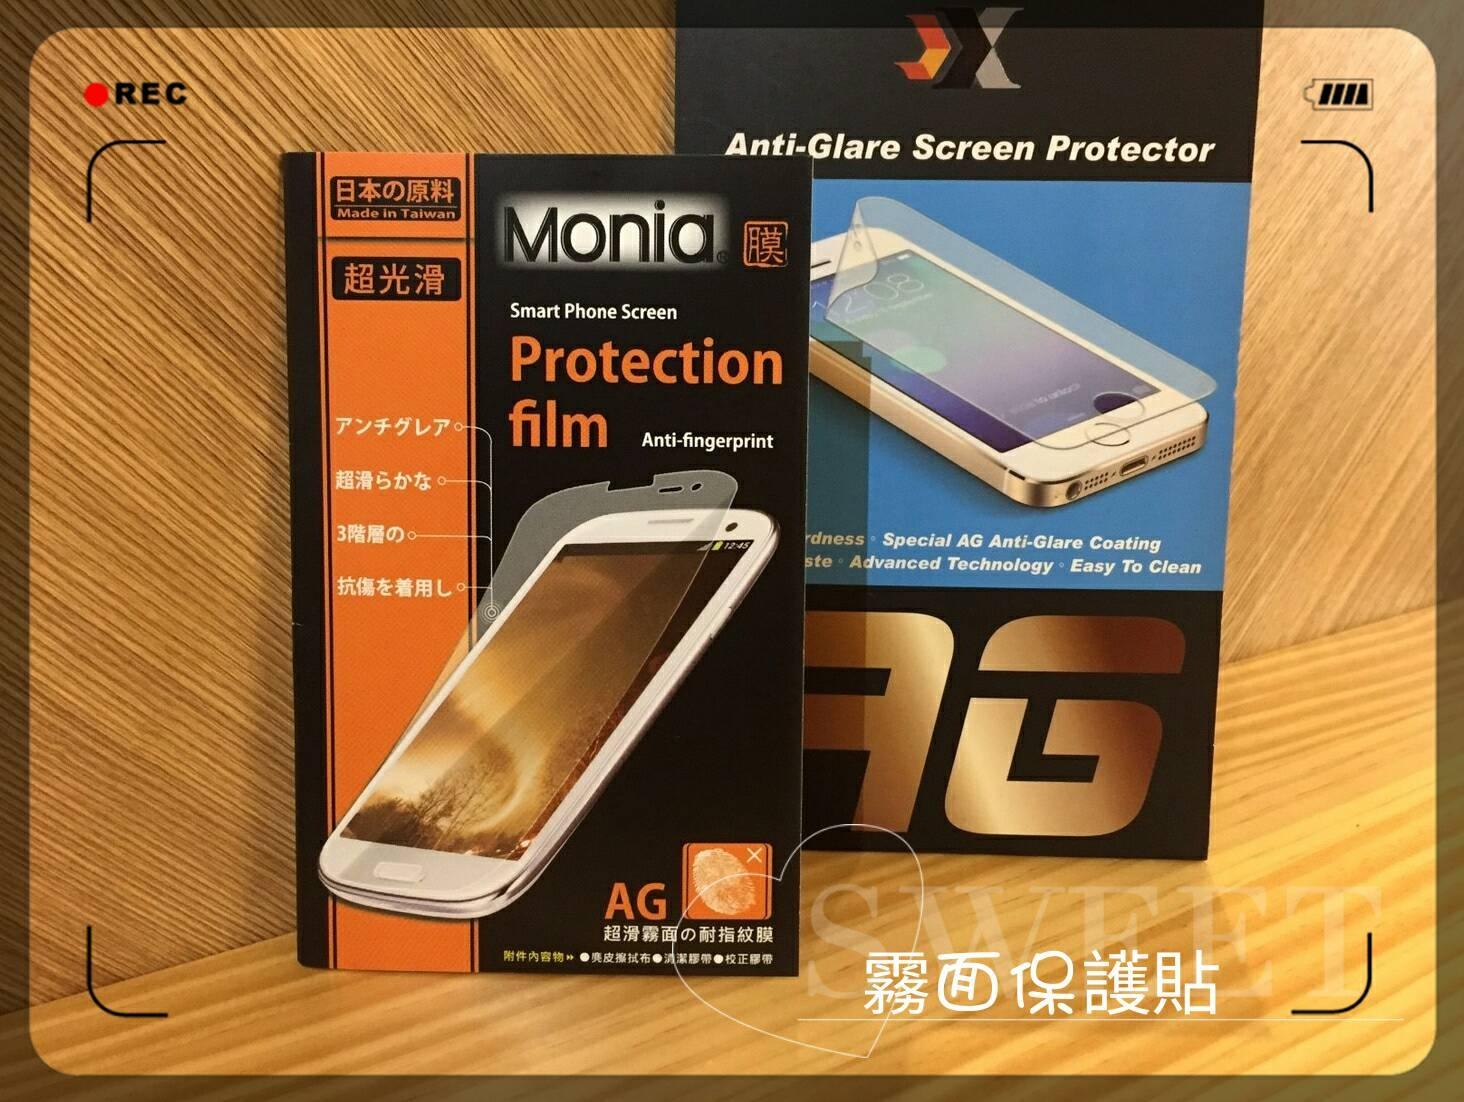 霧面保護貼SAMSUNG J N075T手機螢幕保護貼防指紋保護貼保護膜螢幕貼霧面貼